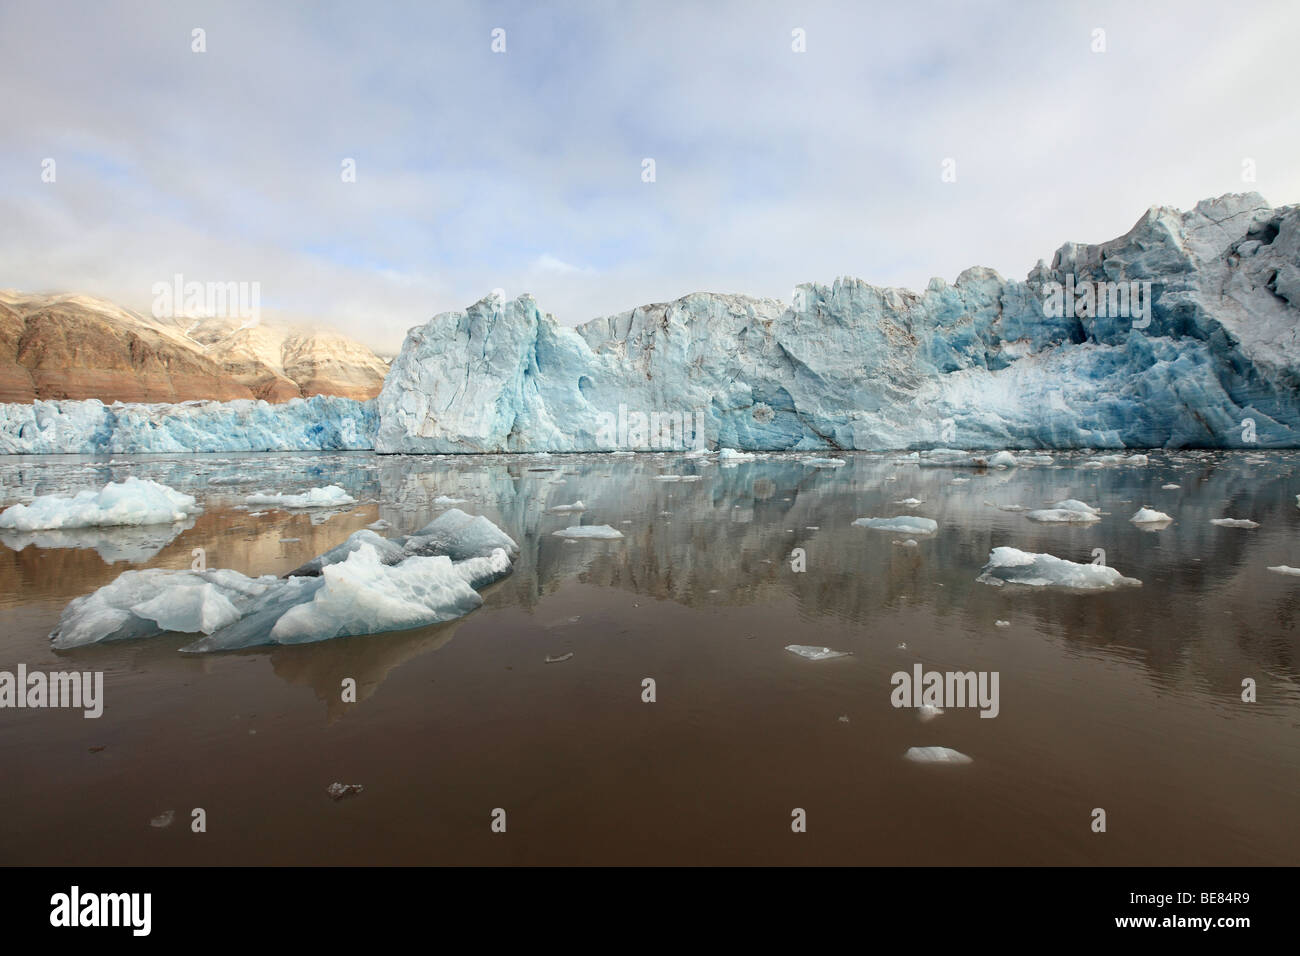 Arctic Glacier Ice Melting in Svalbard KongsFjorden - Stock Image